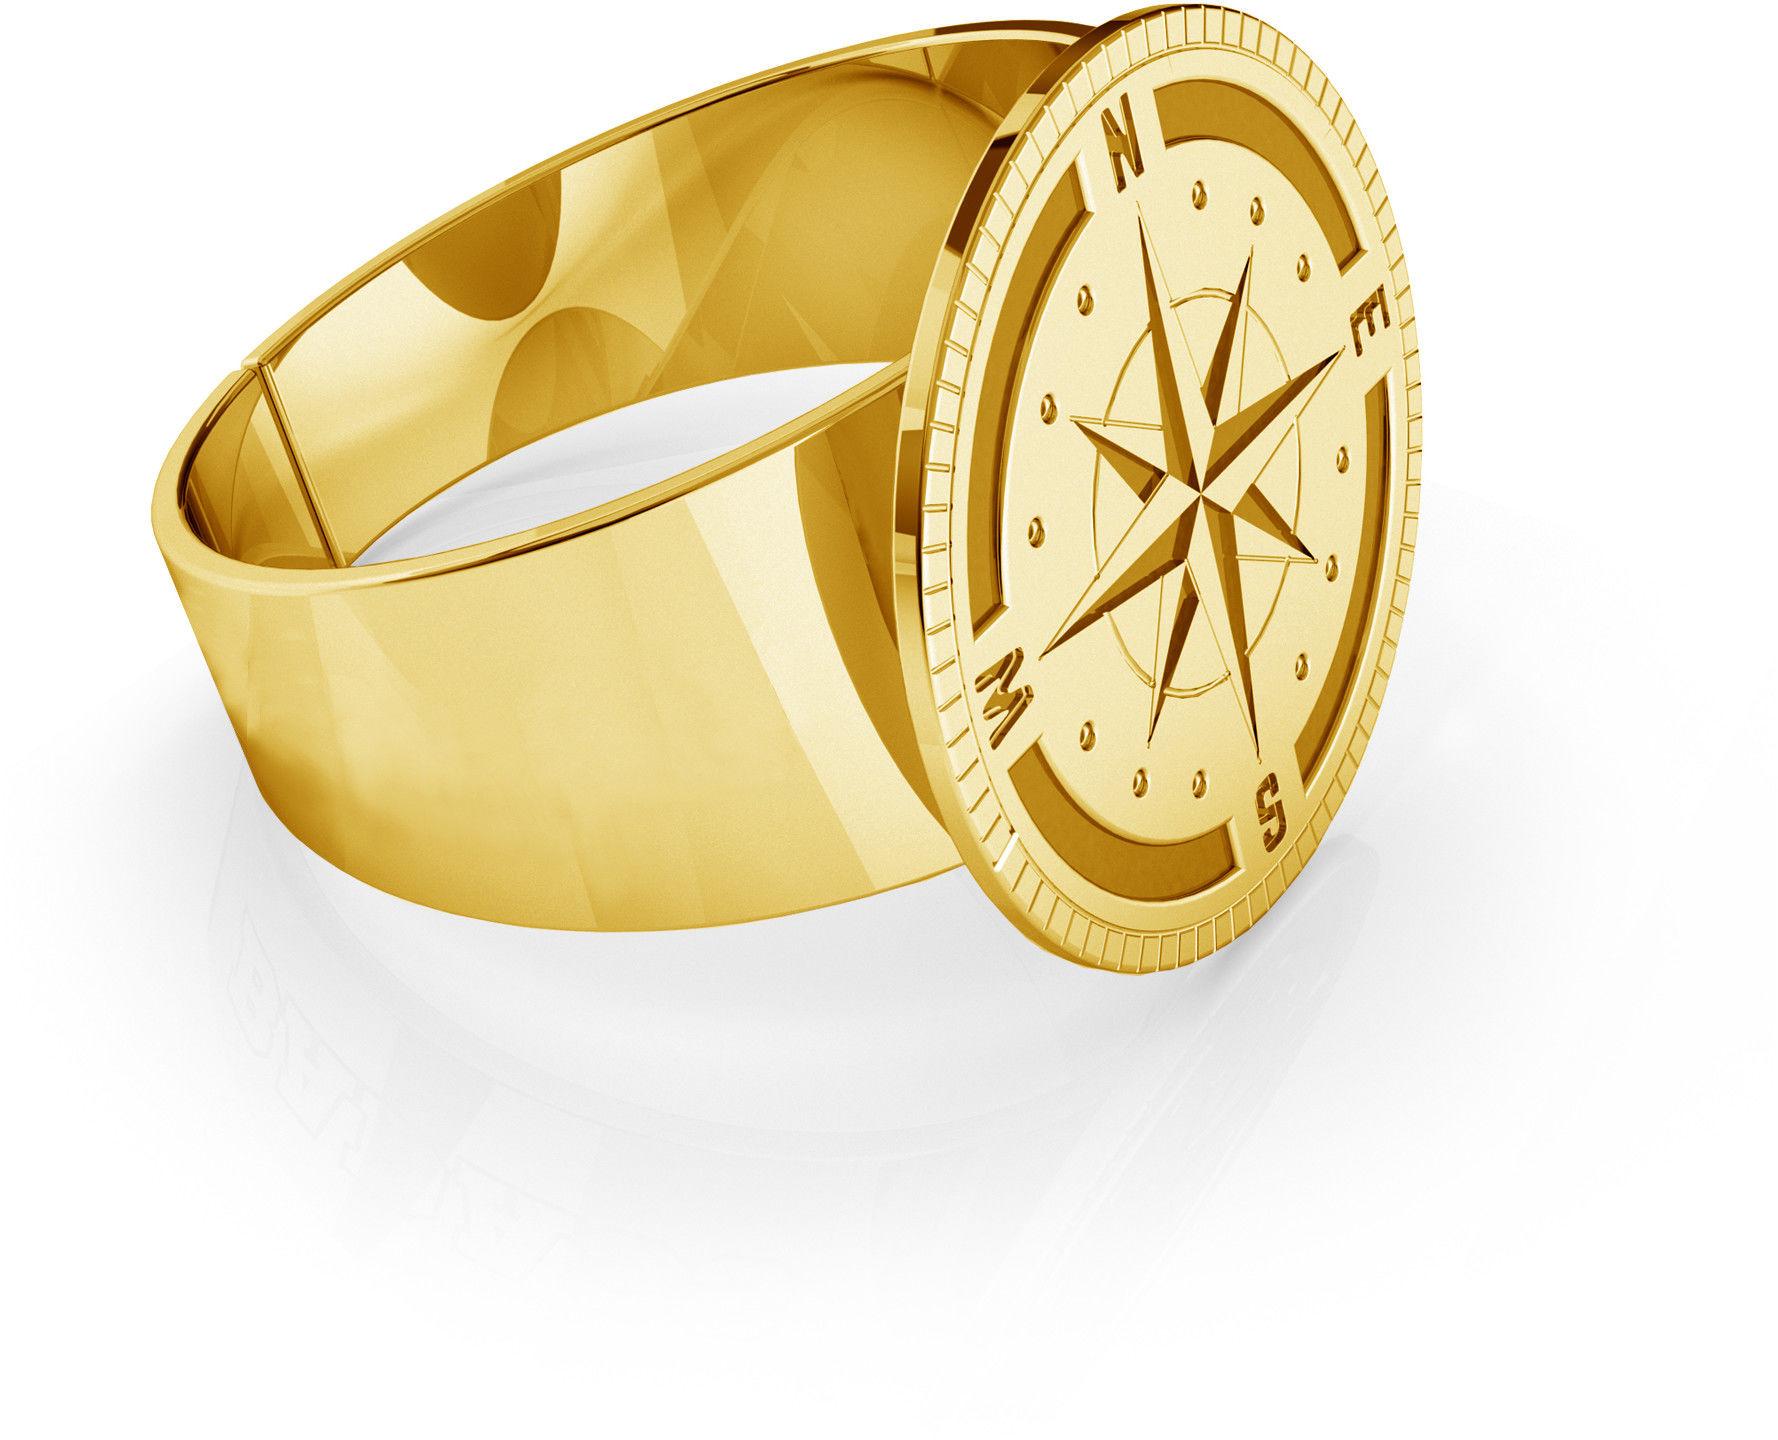 Męski sygnet róża wiatrów, grawer, srebro 925 : Srebro - kolor pokrycia - Pokrycie żółtym 18K złotem